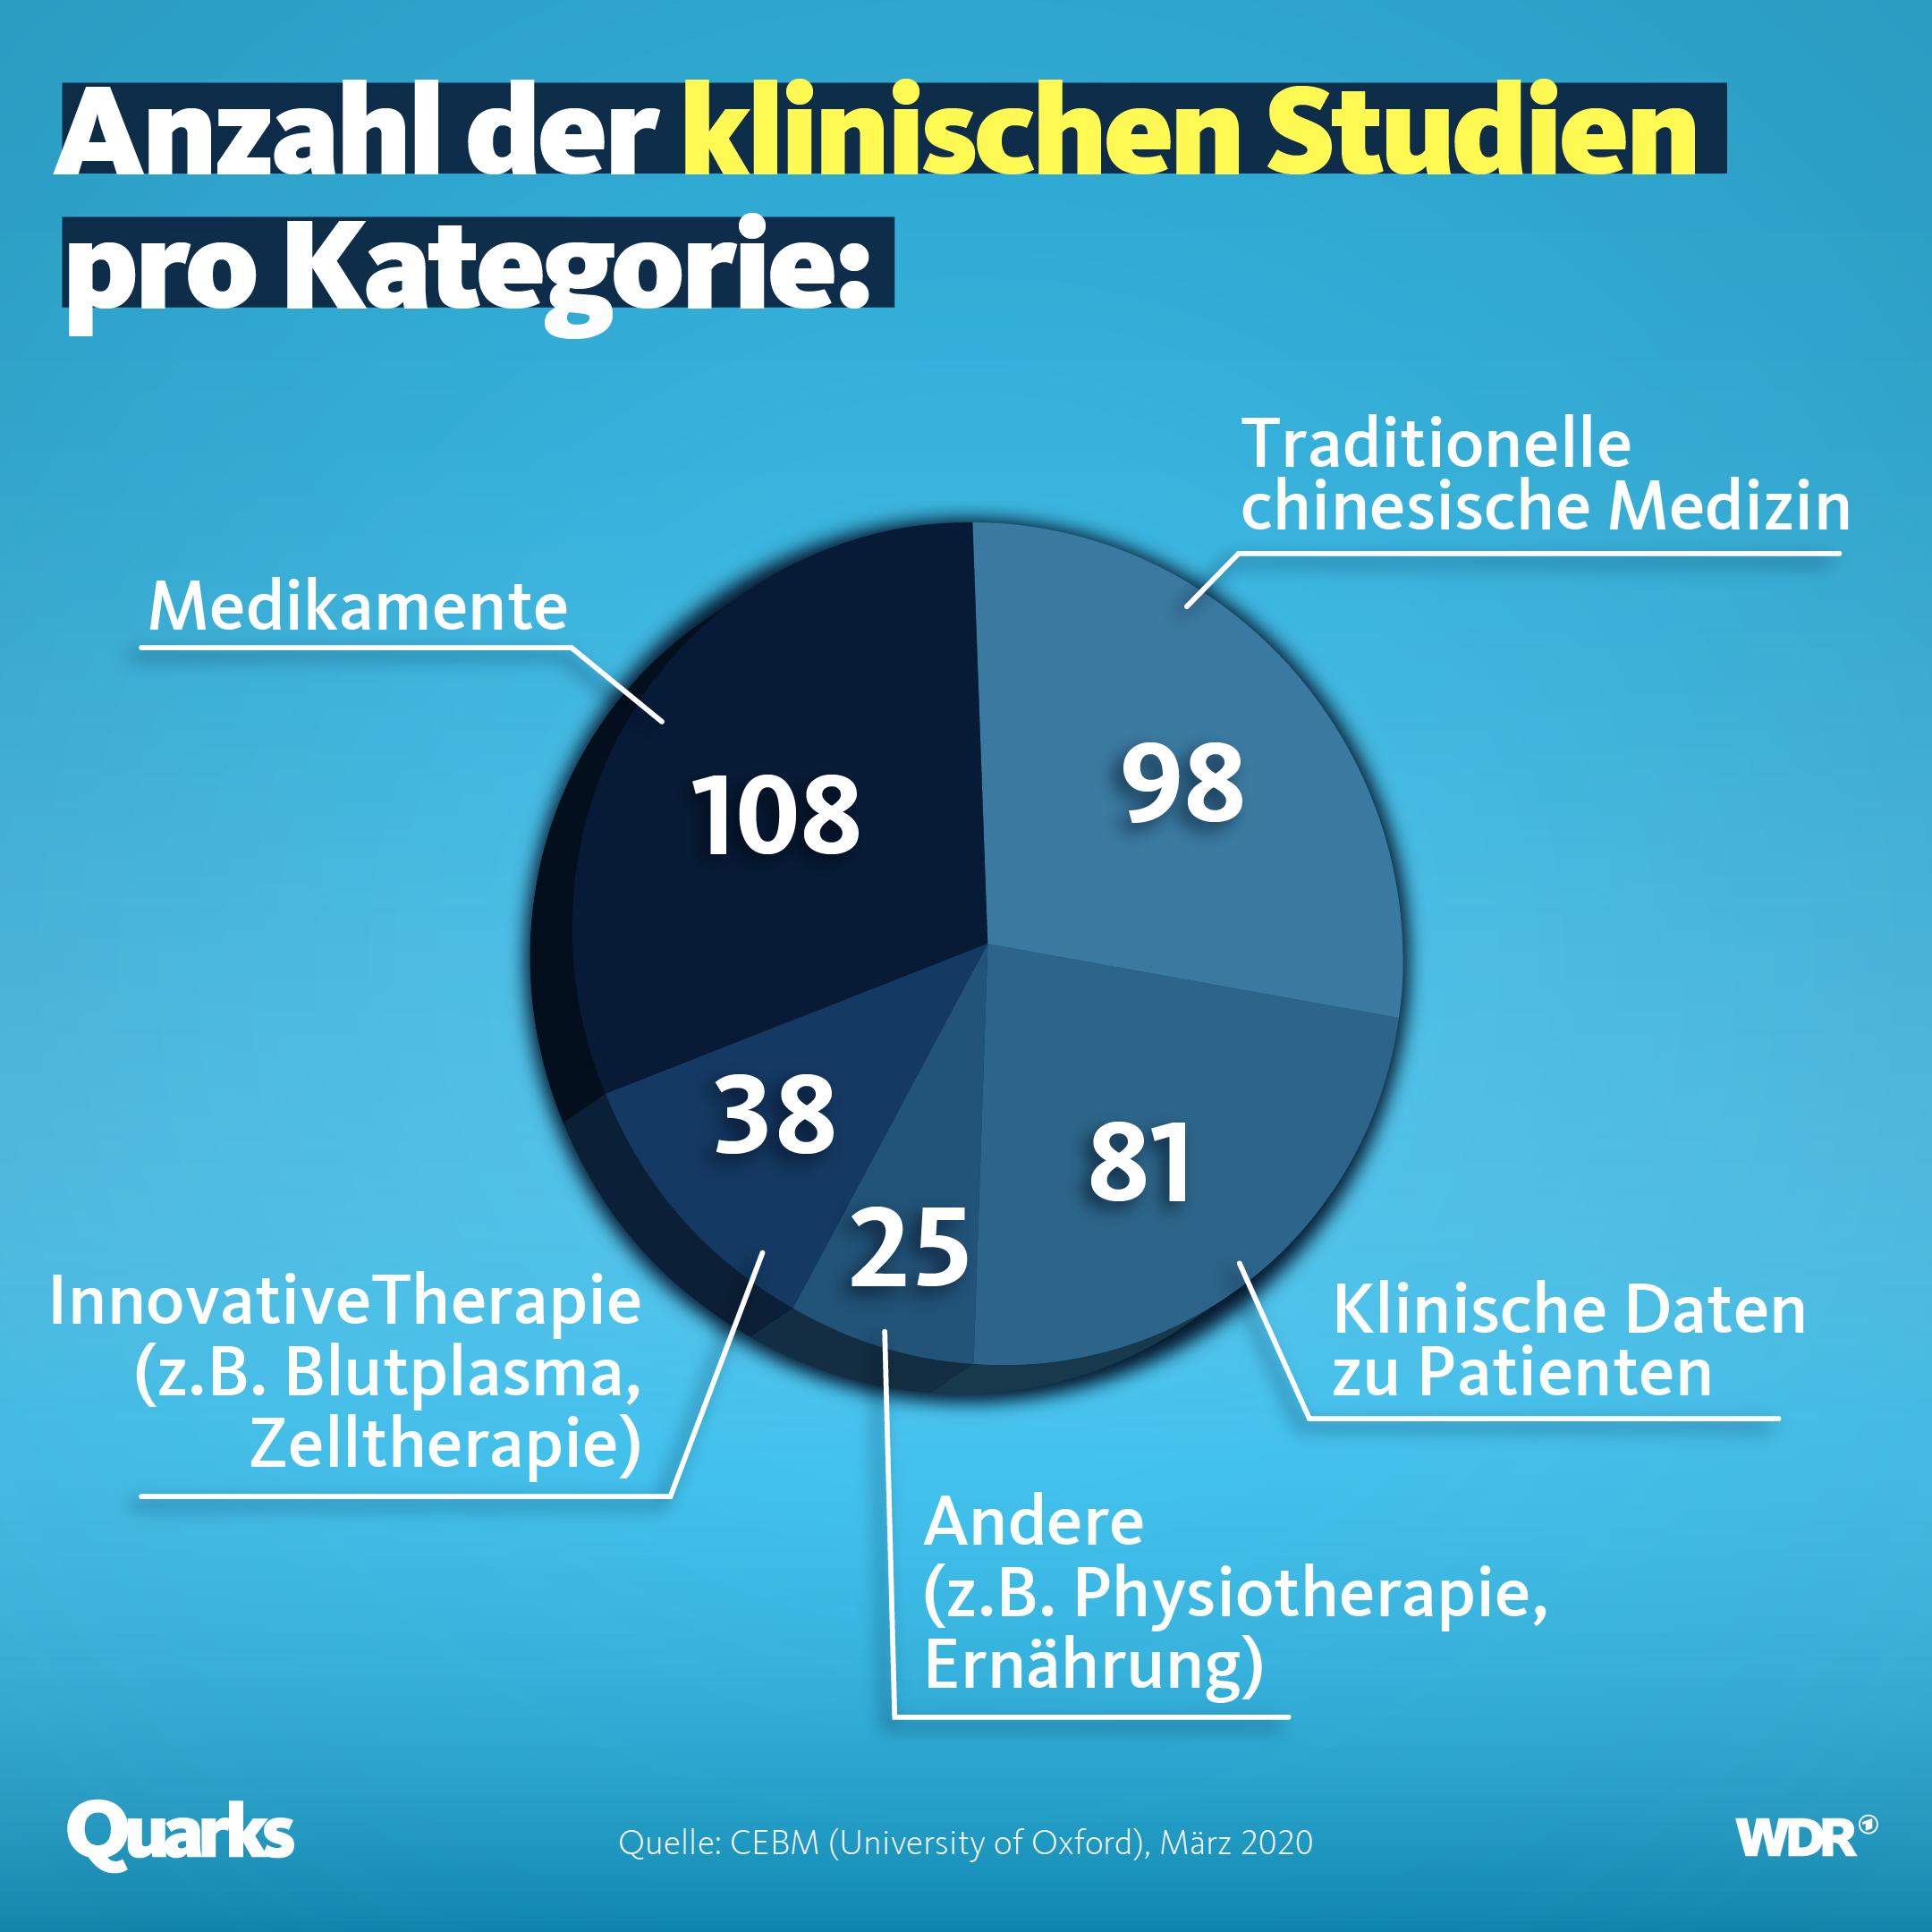 Anzahl der klinischen Studien pro Kategorie